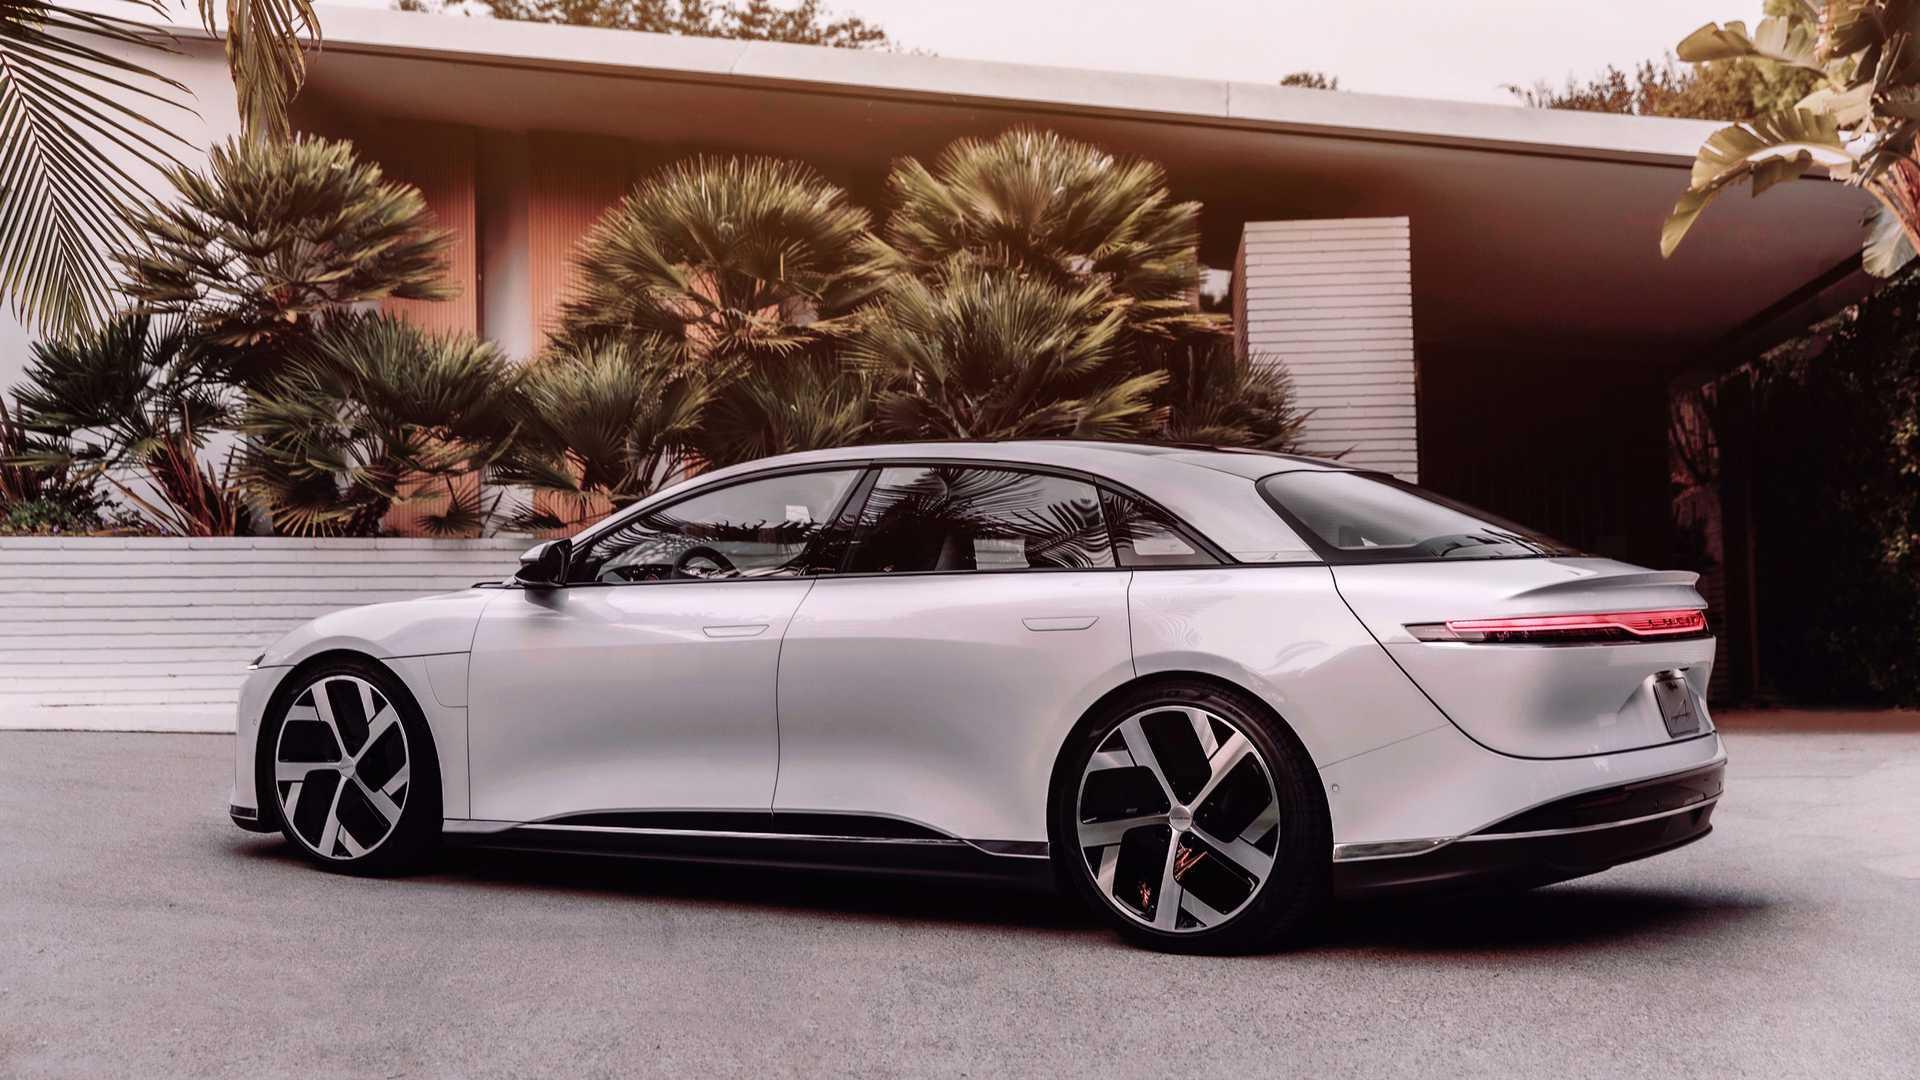 Ο αντίπαλος της Tesla! Έρχεται το ηλεκτρικό, σεντά μοντέλο με αυτονομία 832 χιλιόμετρα!